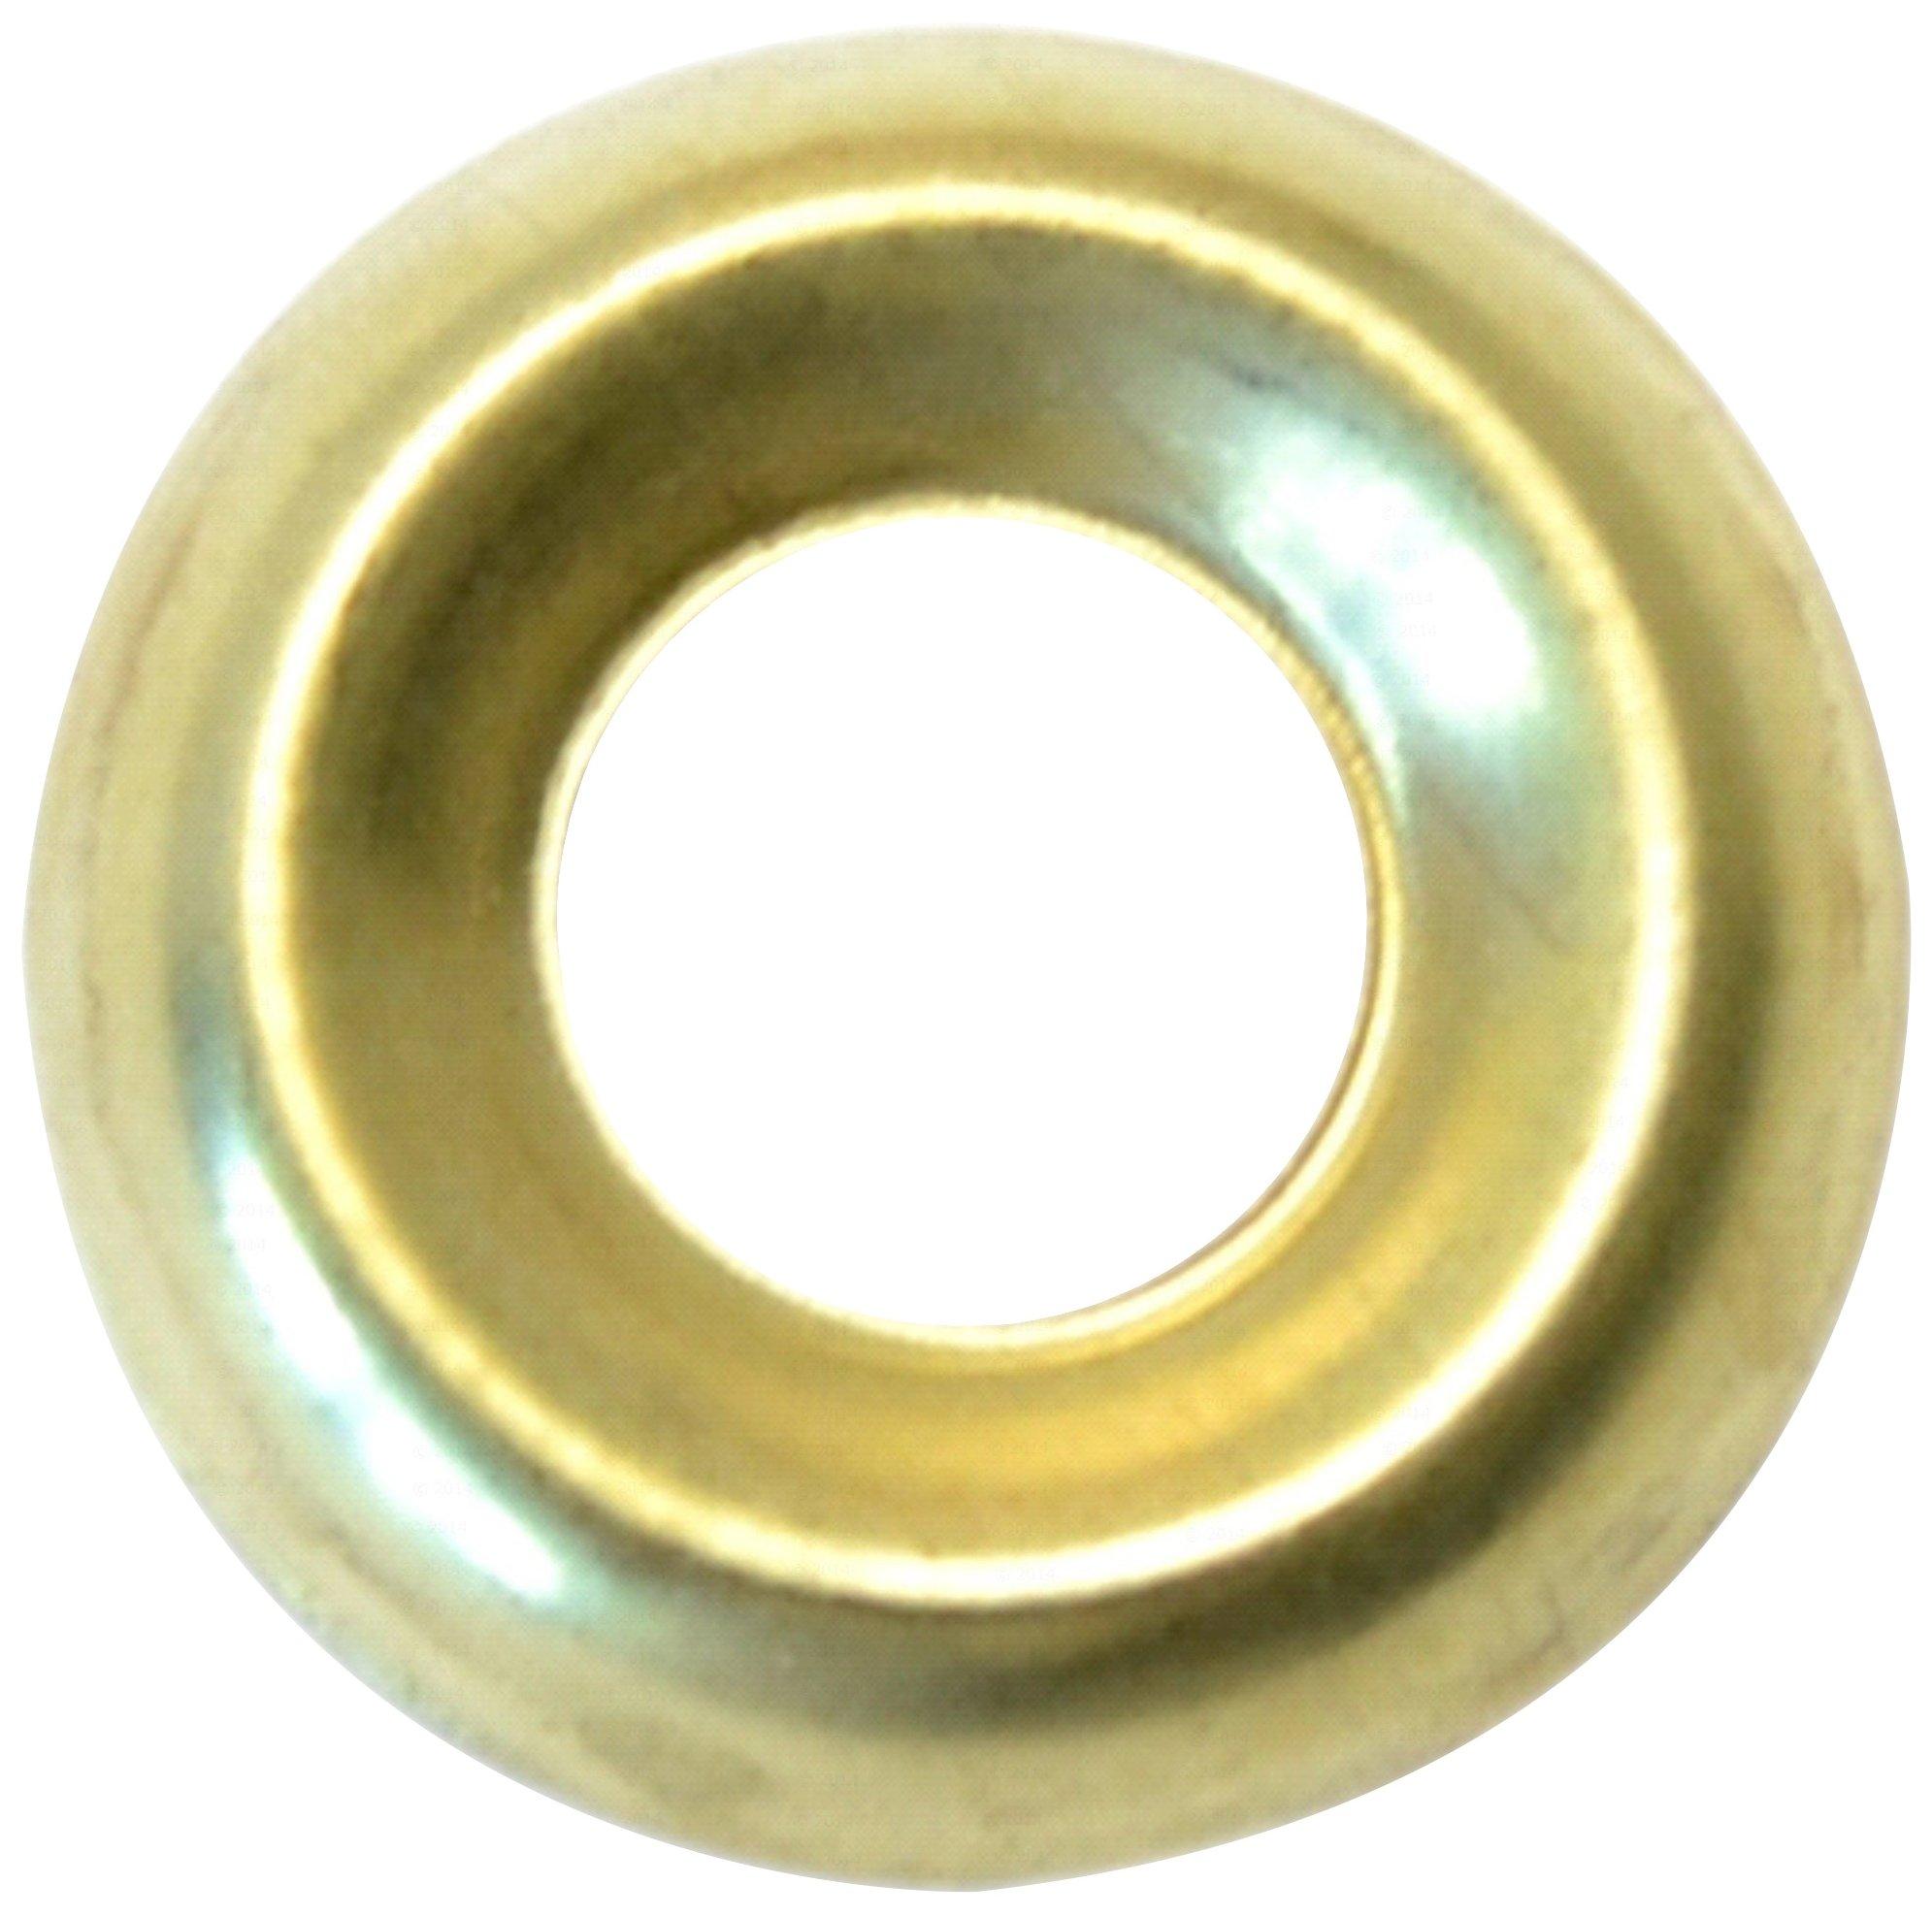 Hard-to-Find Fastener 014973436636 Finishing Washer Brass, 14, Piece-80